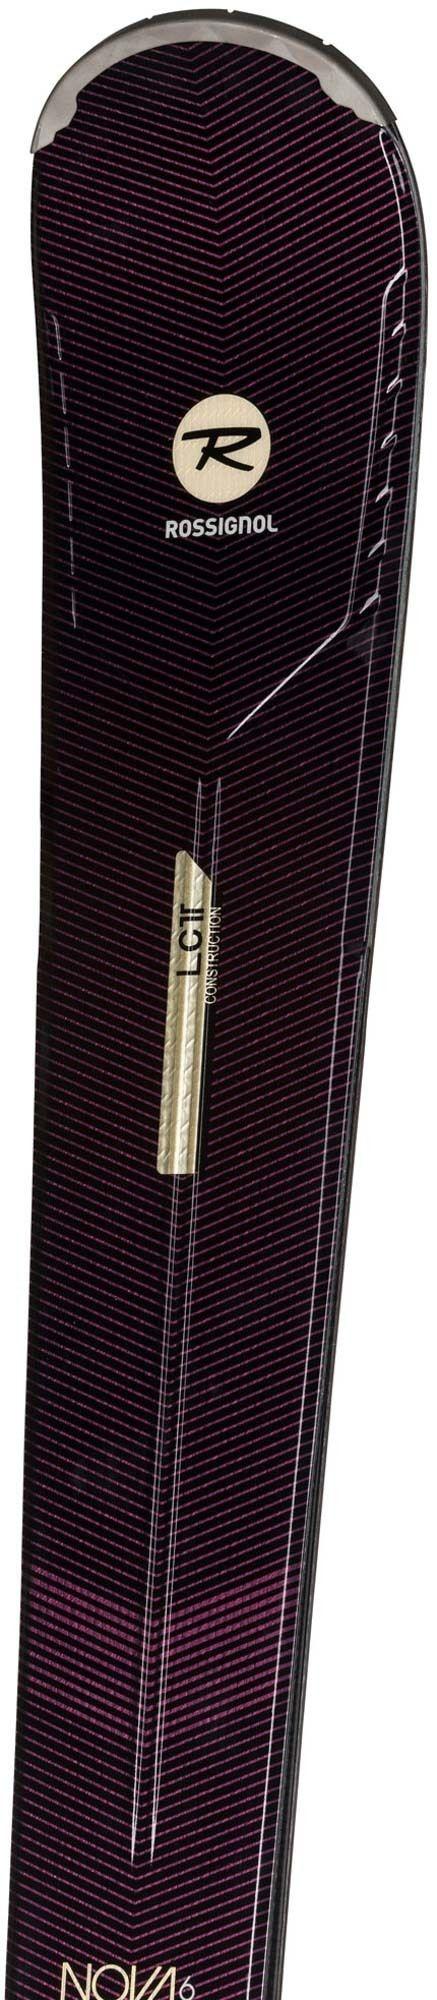 Nova 6 + Xpress W 11 GW B83